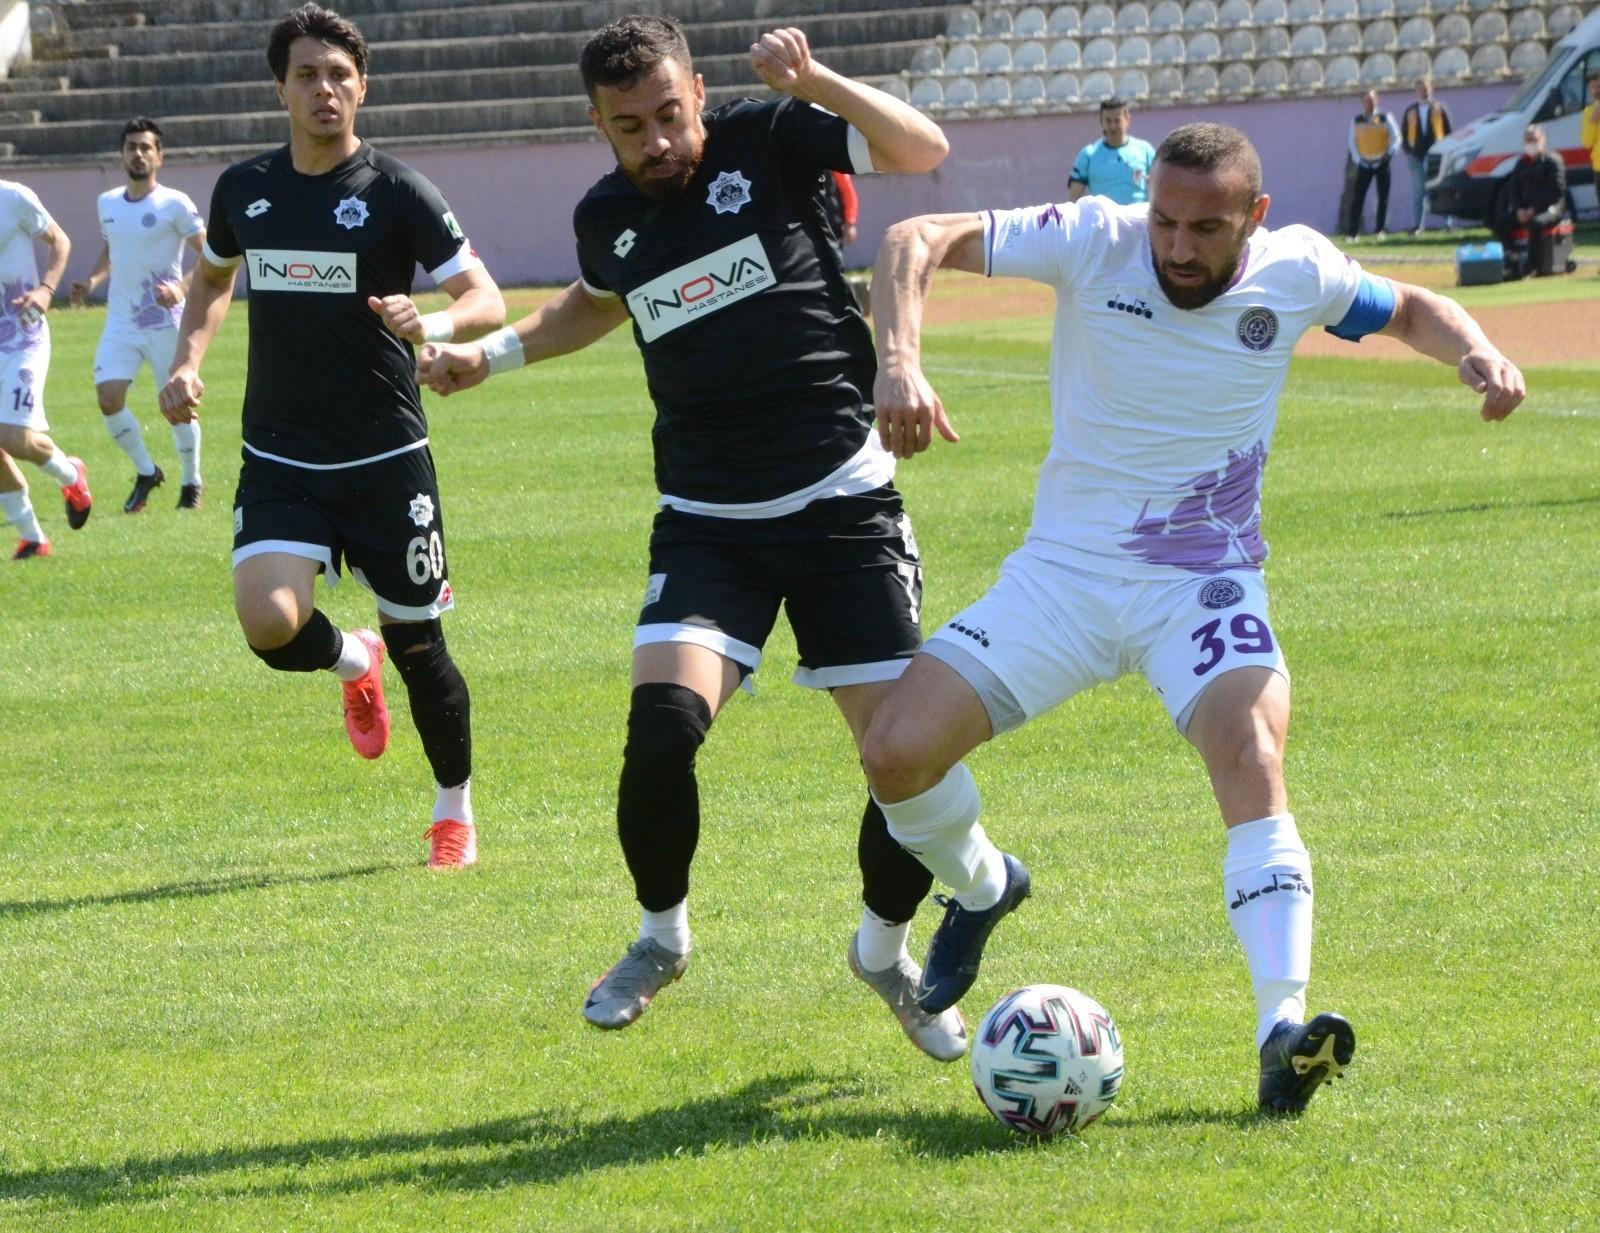 3. Lig: 52 Orduspor FK: 4 – 68 Aksaray Belediye Spor: 2